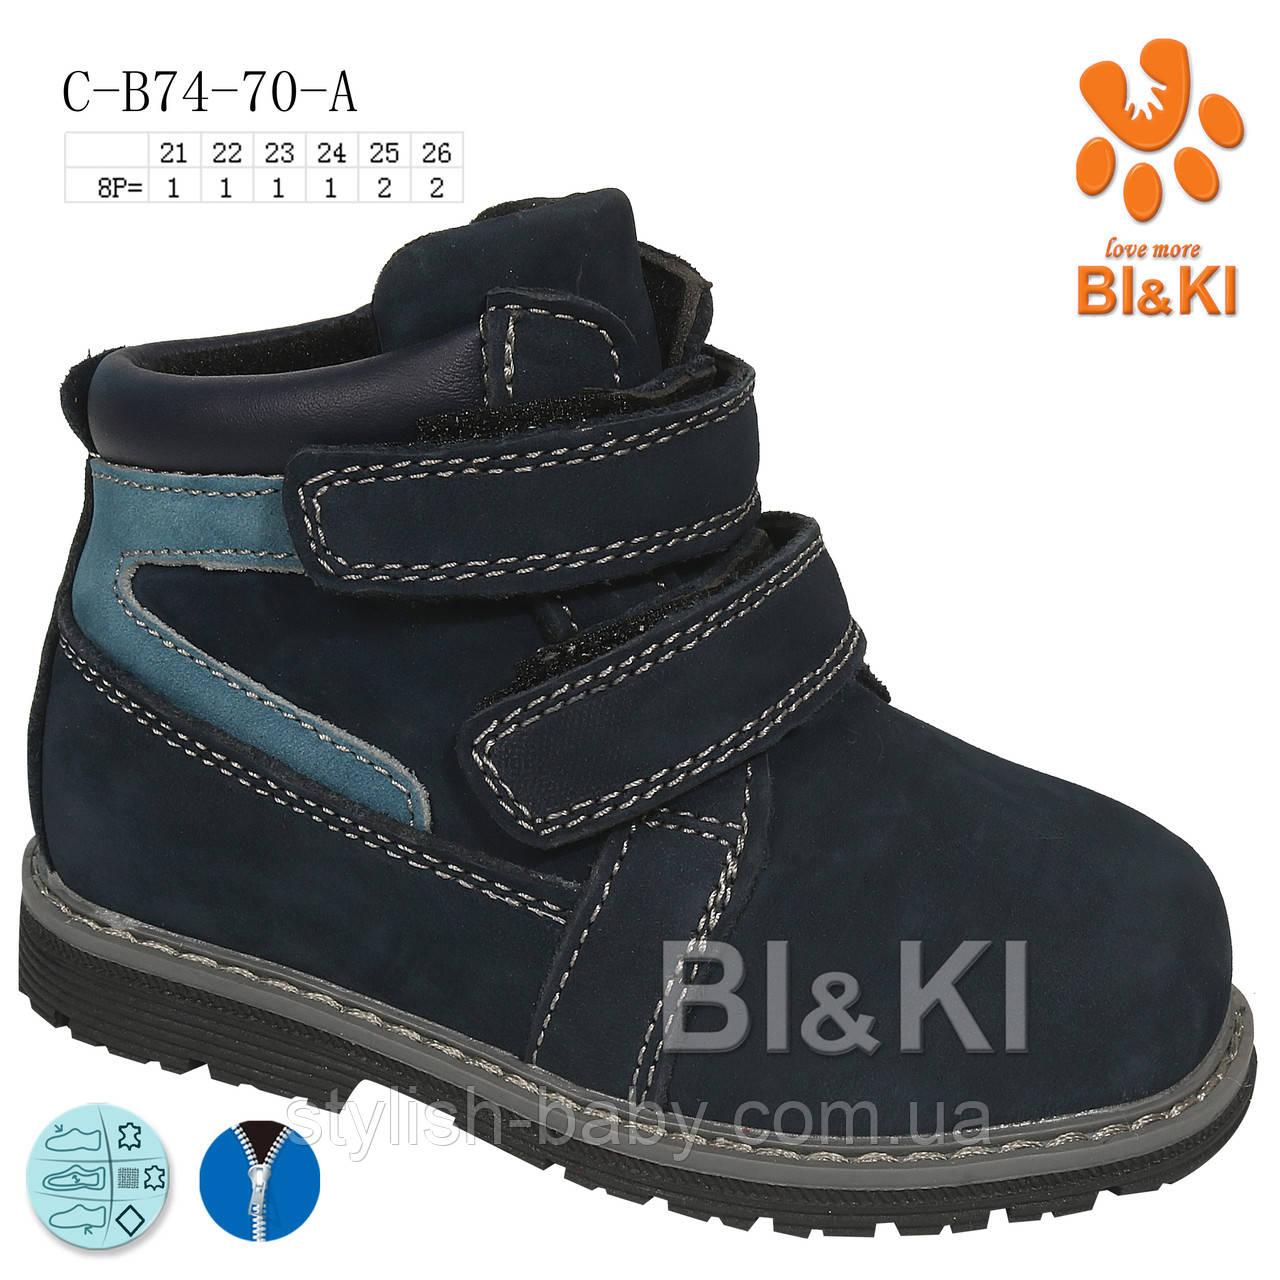 Детская обувь 2020 оптом. Детская демисезонная обувь бренда Tom.m - Bi&Ki для мальчиков (рр. с 21 по 26)